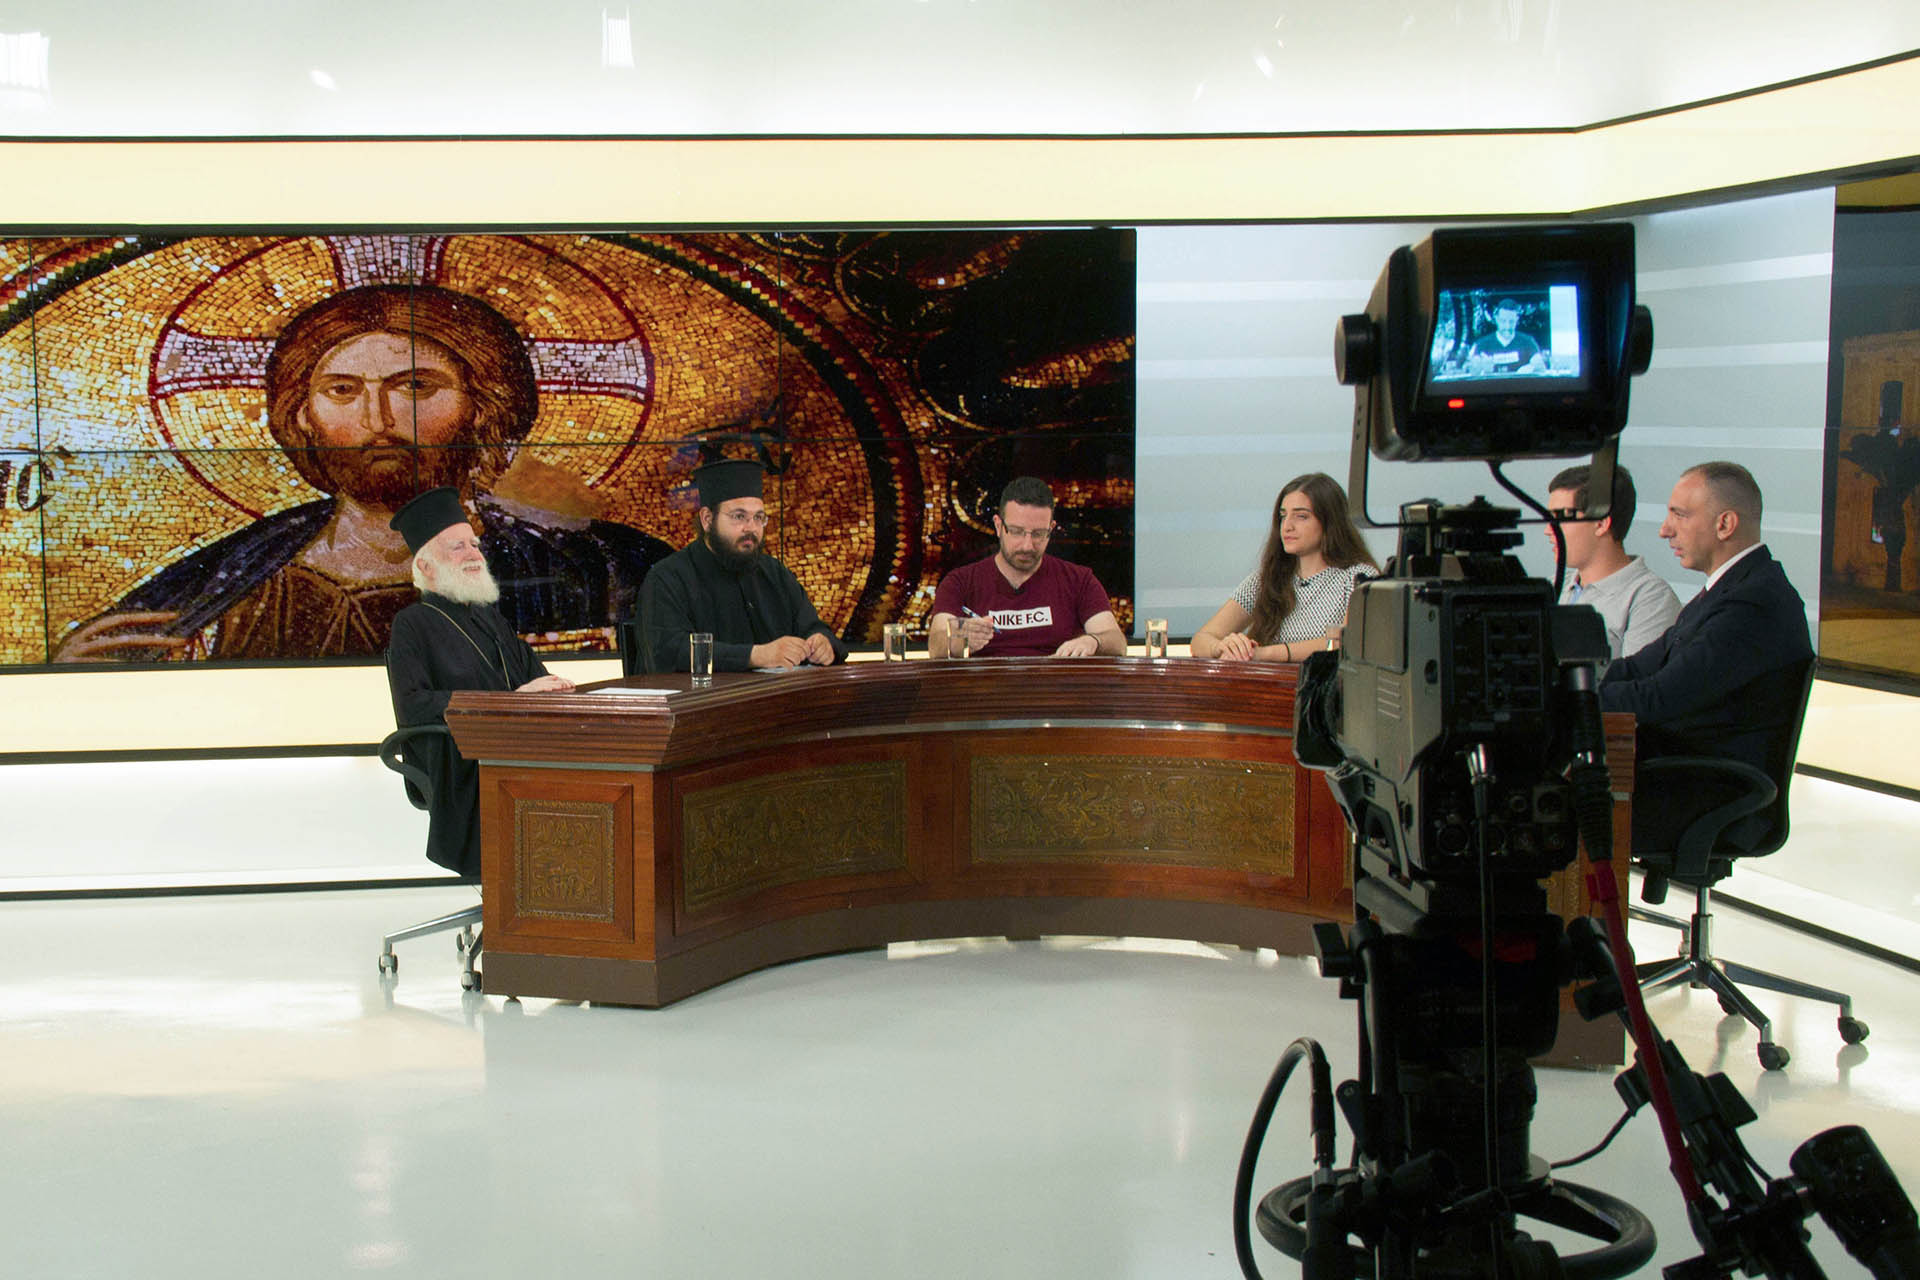 Αποτέλεσμα εικόνας για Αρχιεπίσκοπος Κρήτης Ειρηναίος - Μάθημα των Θρησκευτικών